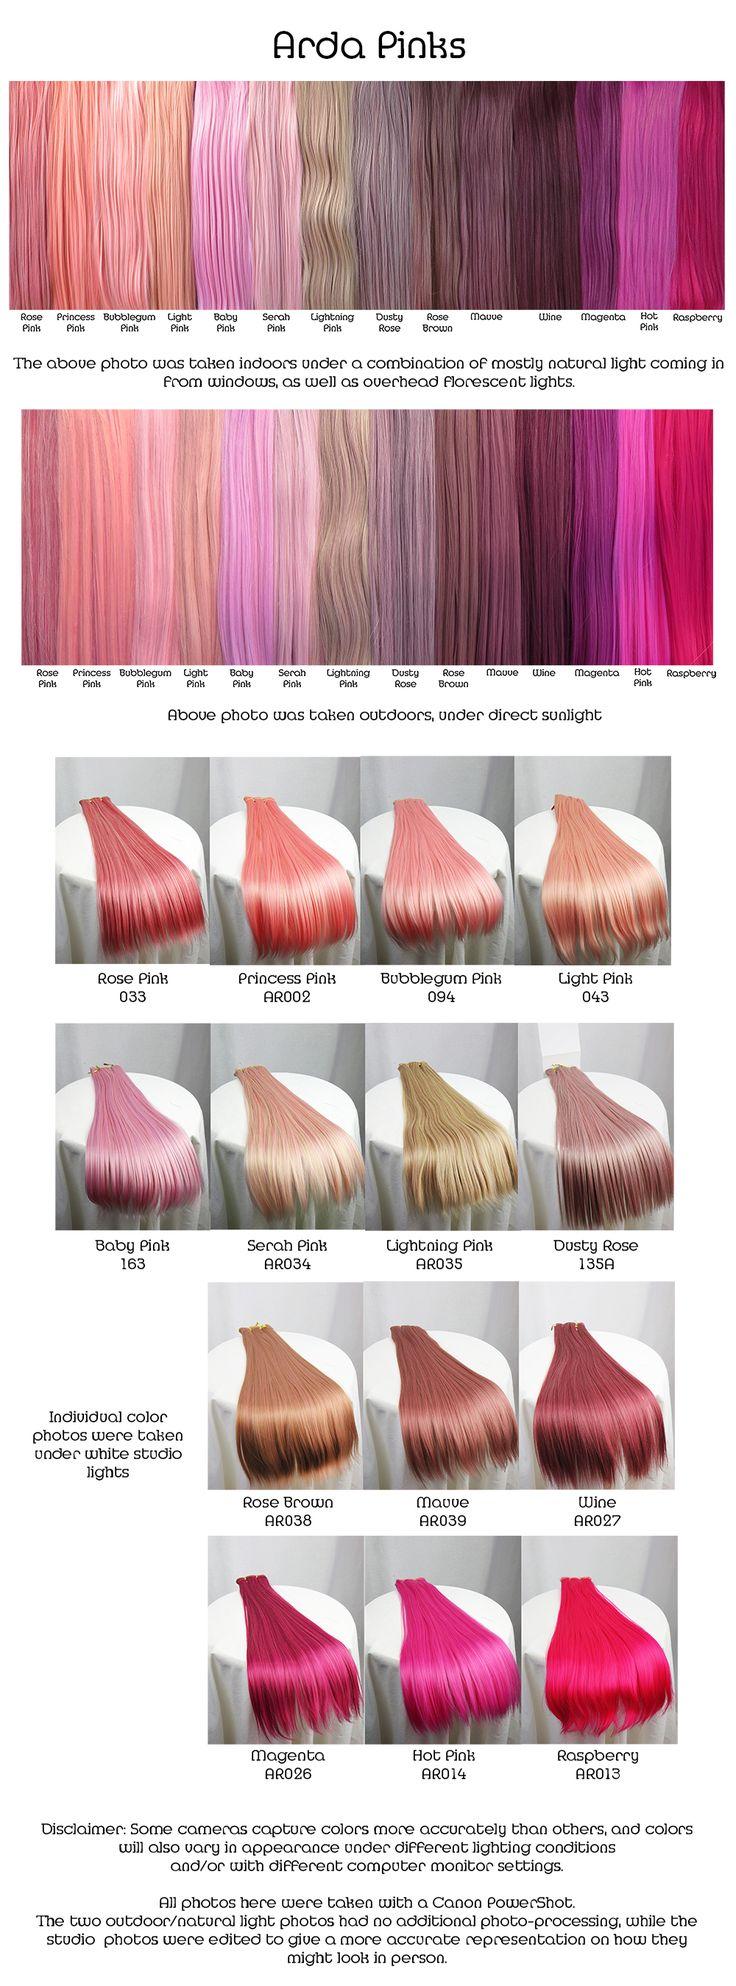 Arda pinks, wig fiber color pallette.